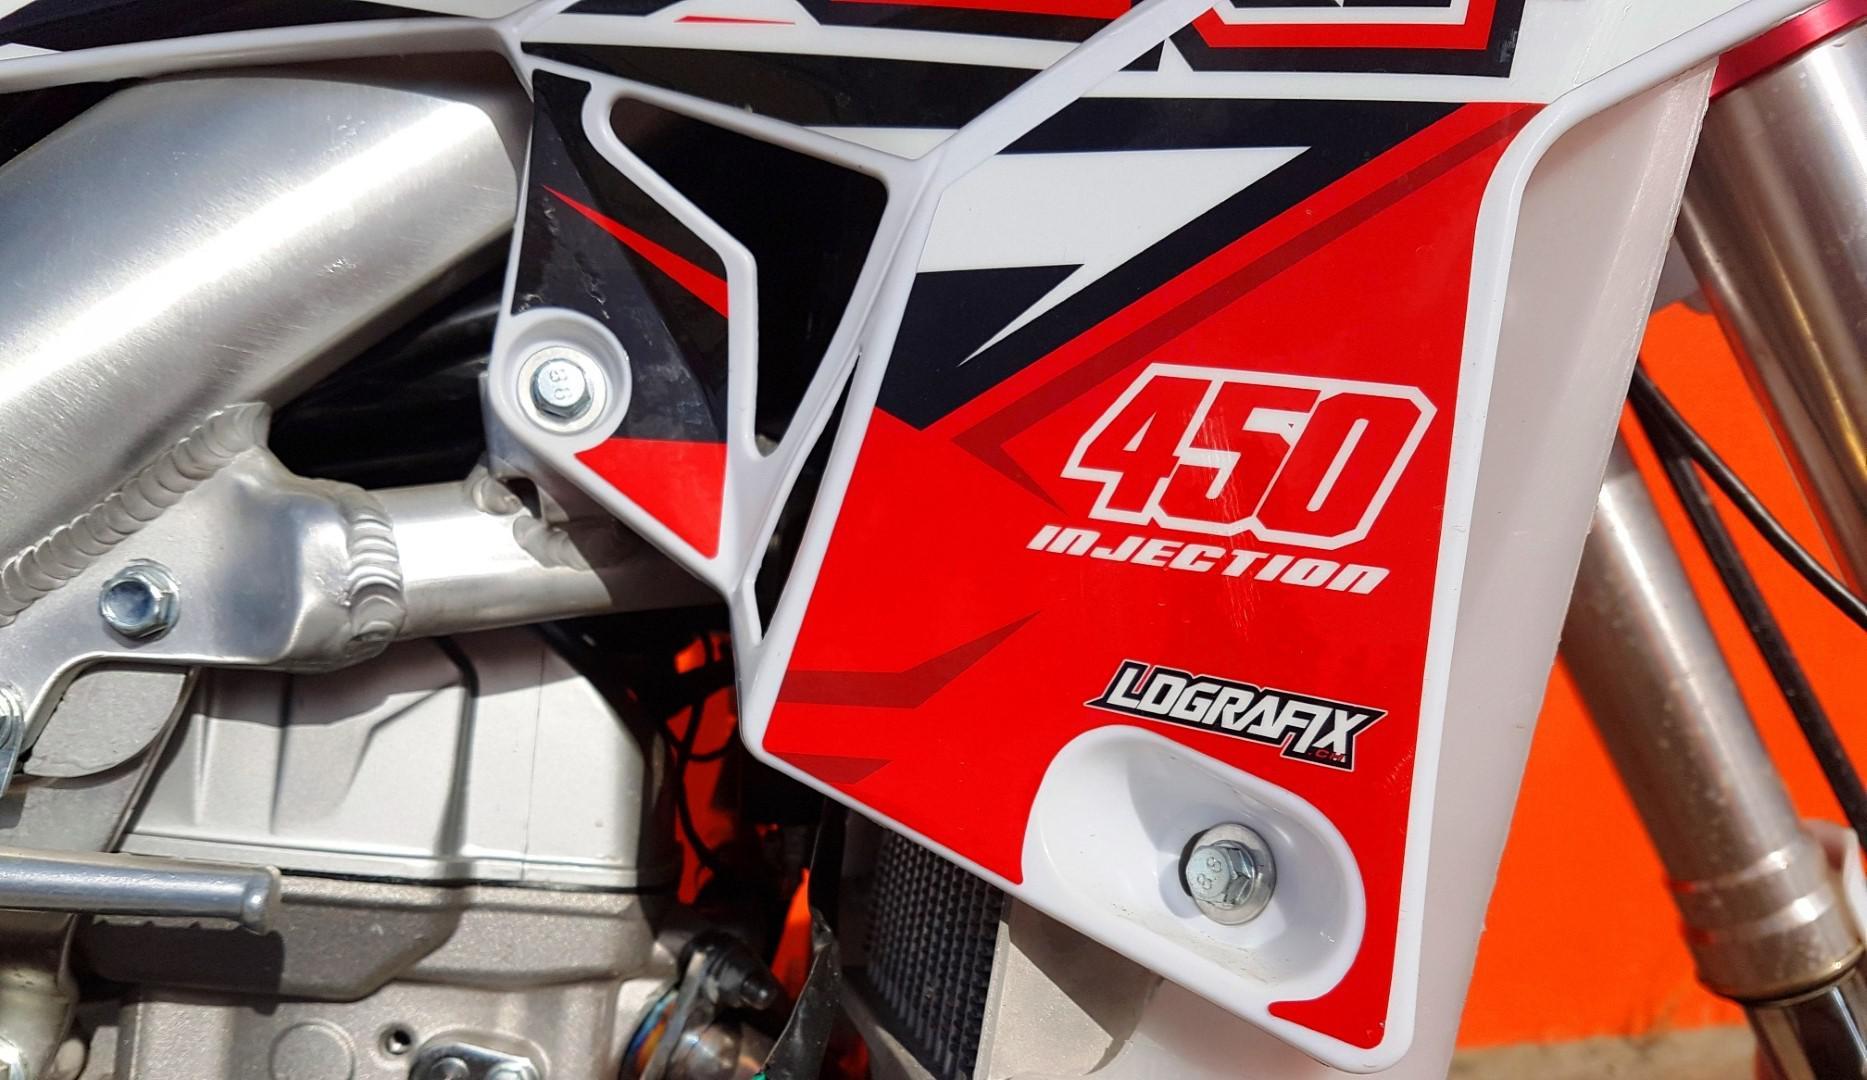 connaissez-vous-cette-marque-de-motos-1280-4.jpg